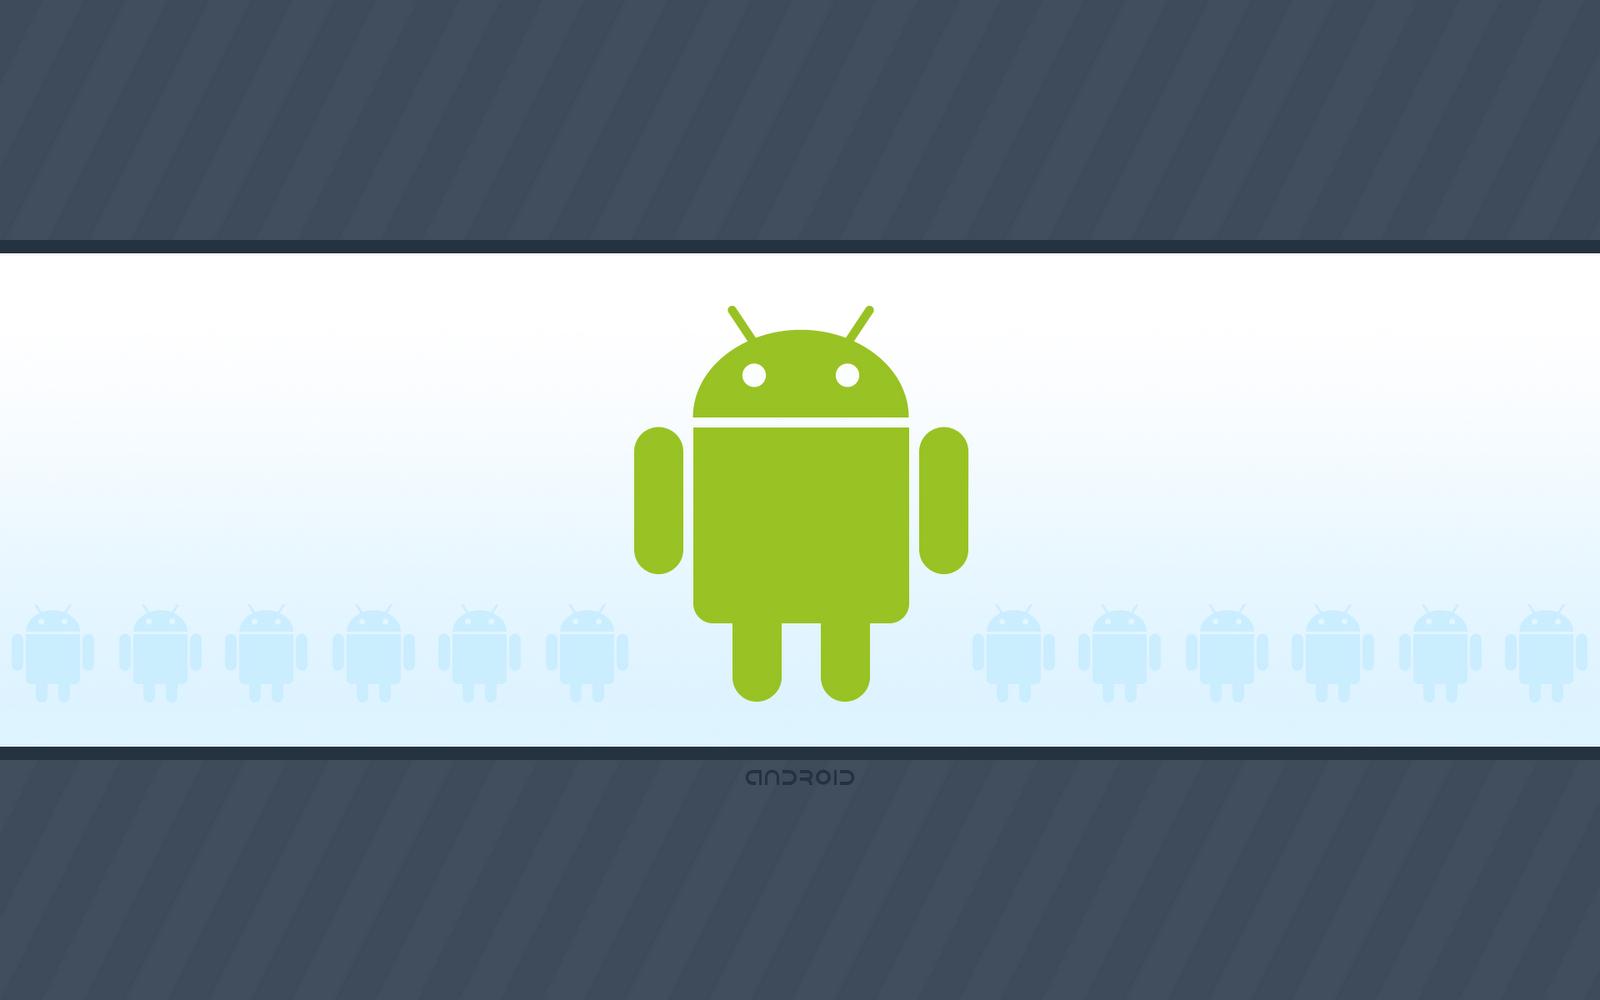 http://2.bp.blogspot.com/-Jv0xVHpOX3Y/TltVRyTwK4I/AAAAAAAAATs/85o6RtYbrFU/s1600/wallpaper+android.png